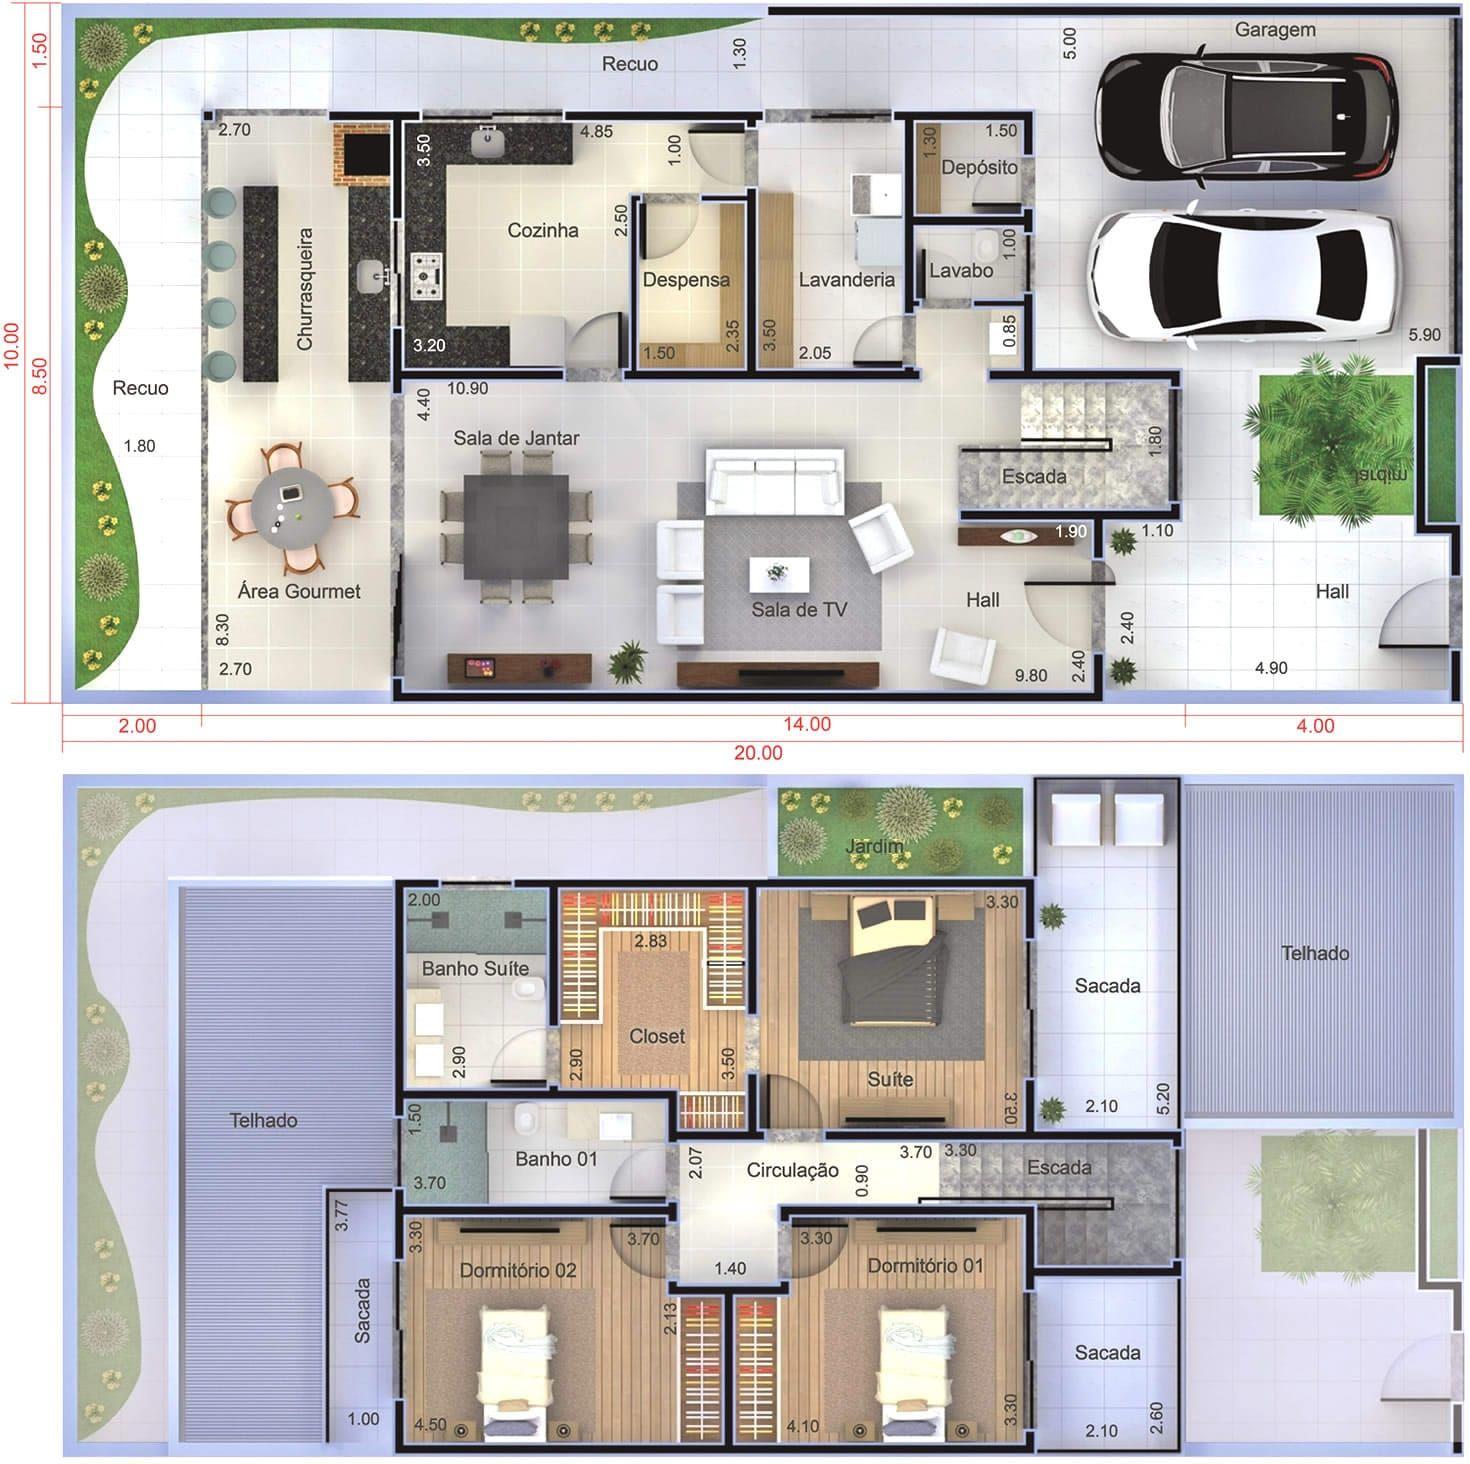 Planta de casa moderna con 3 dormitorios plano para - Casa con terreno murcia ...